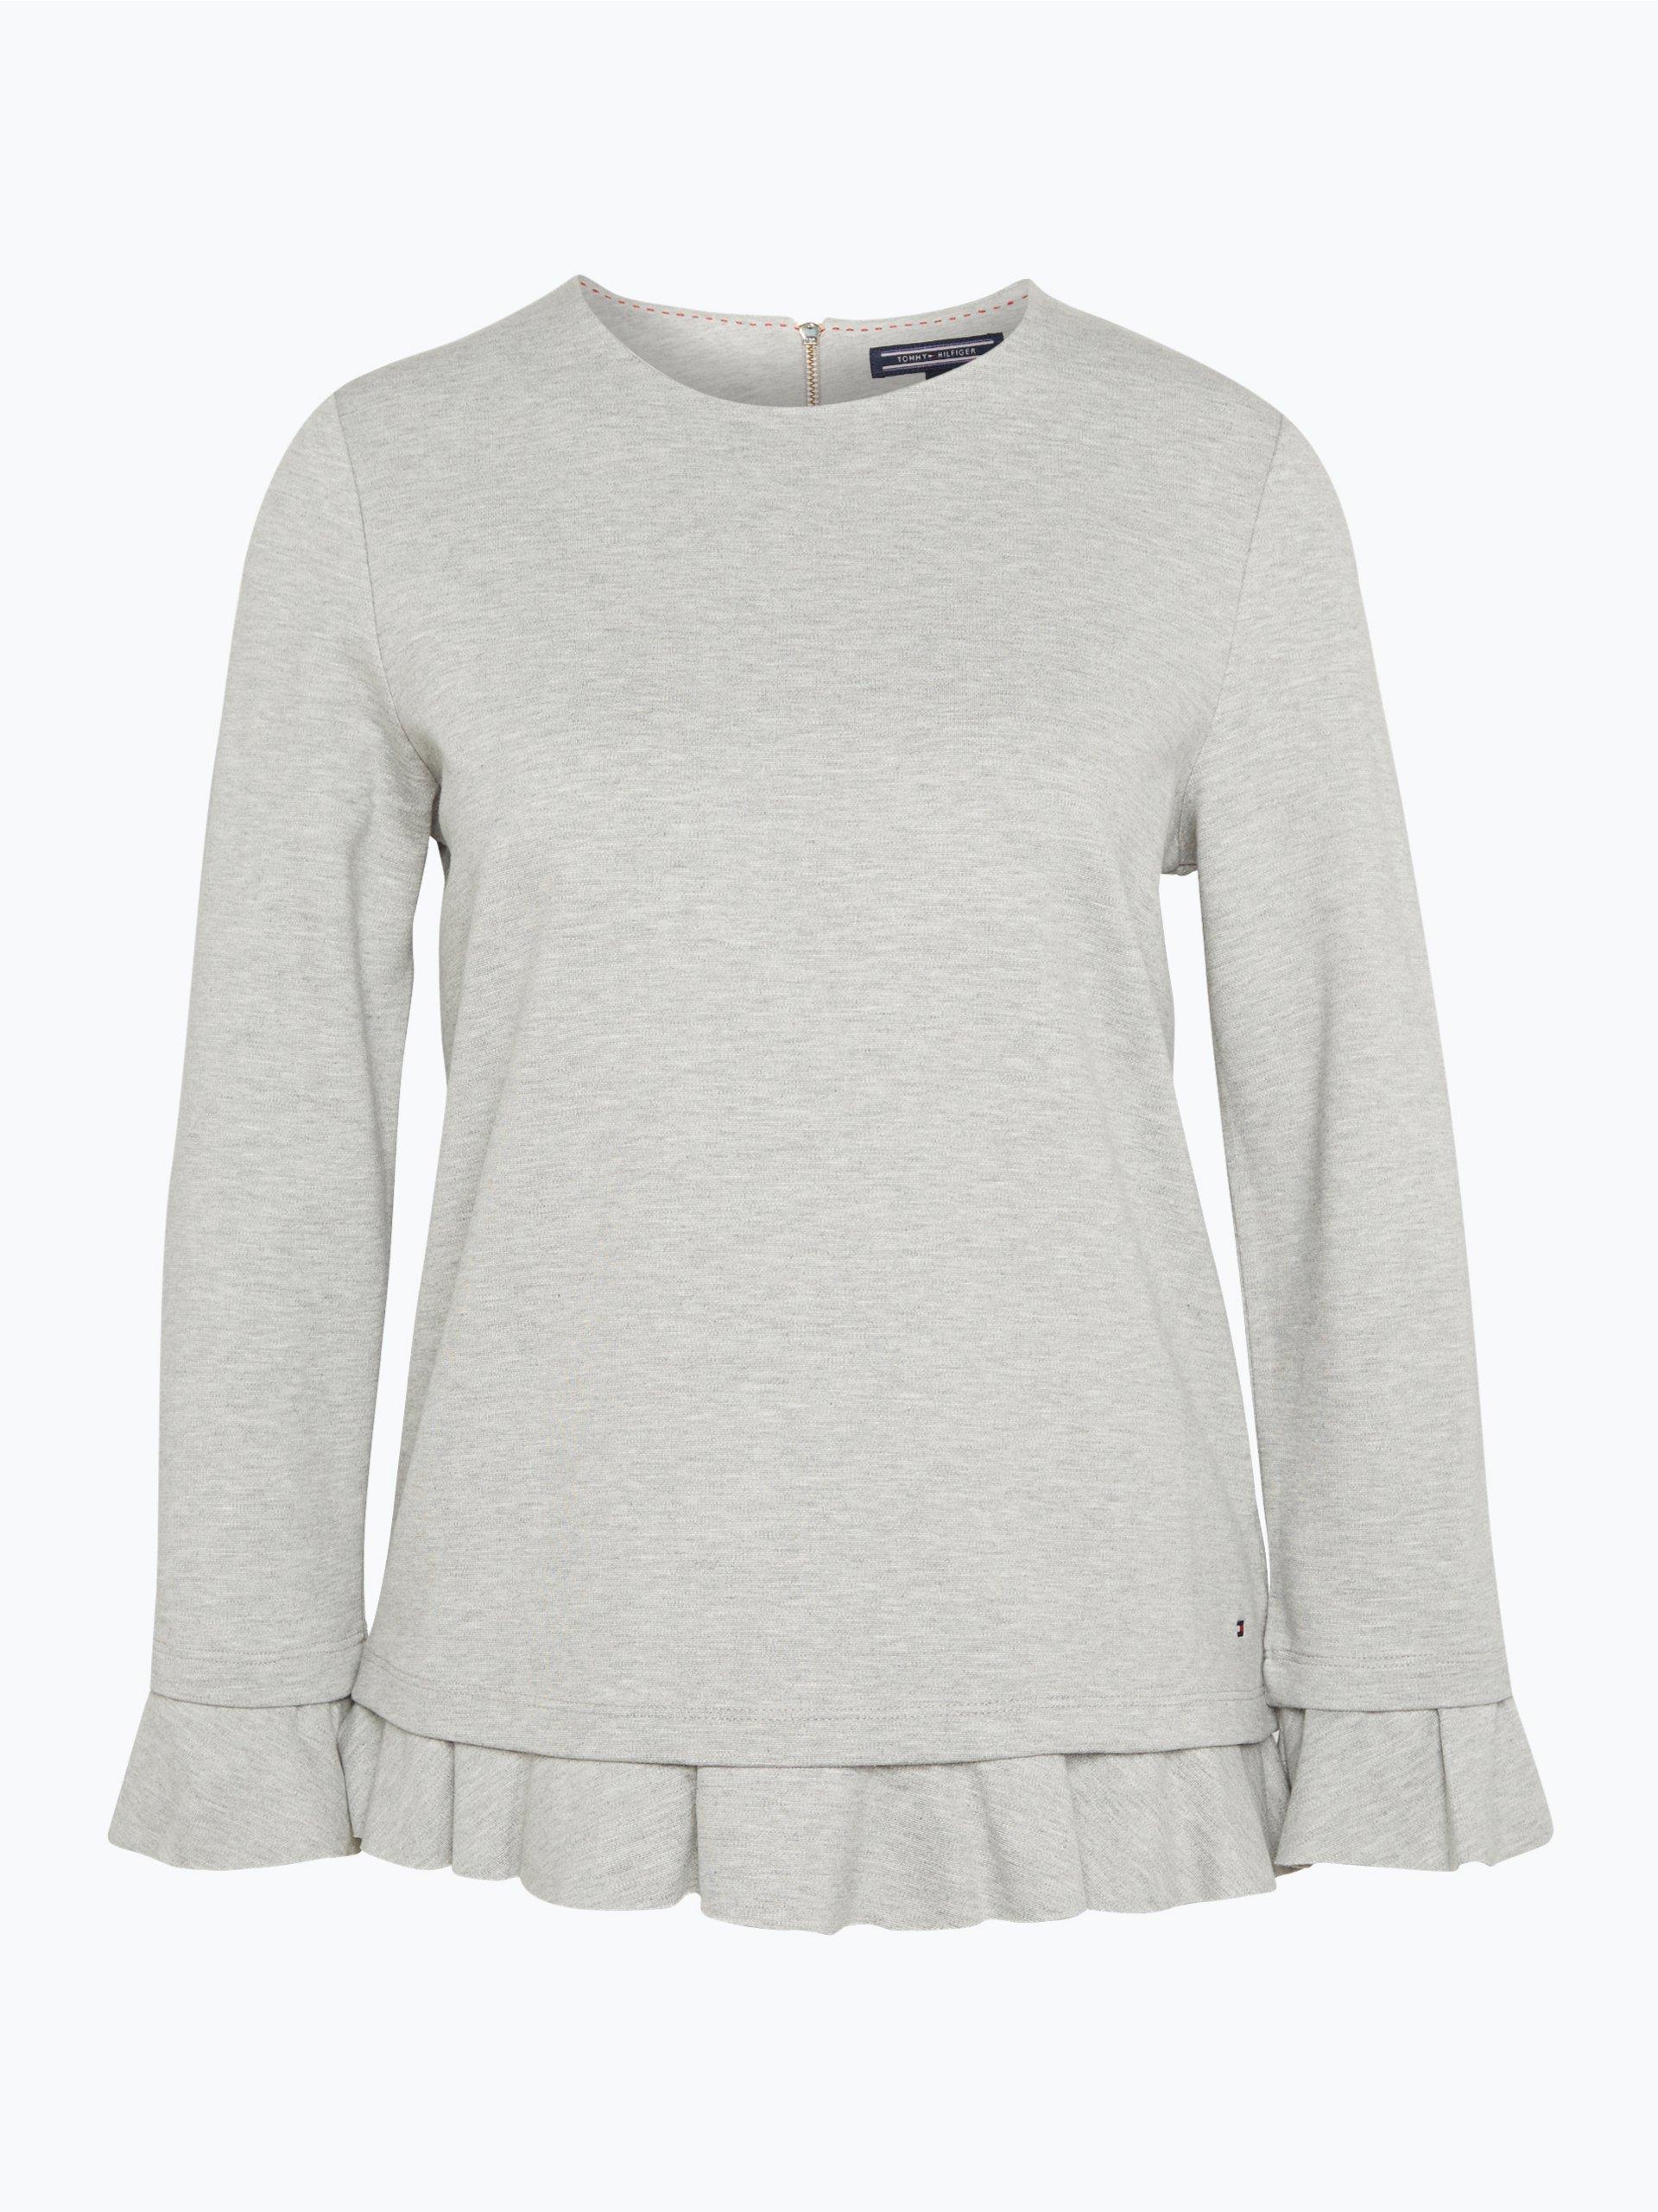 tommy hilfiger damen sweatshirt majorie silber uni. Black Bedroom Furniture Sets. Home Design Ideas